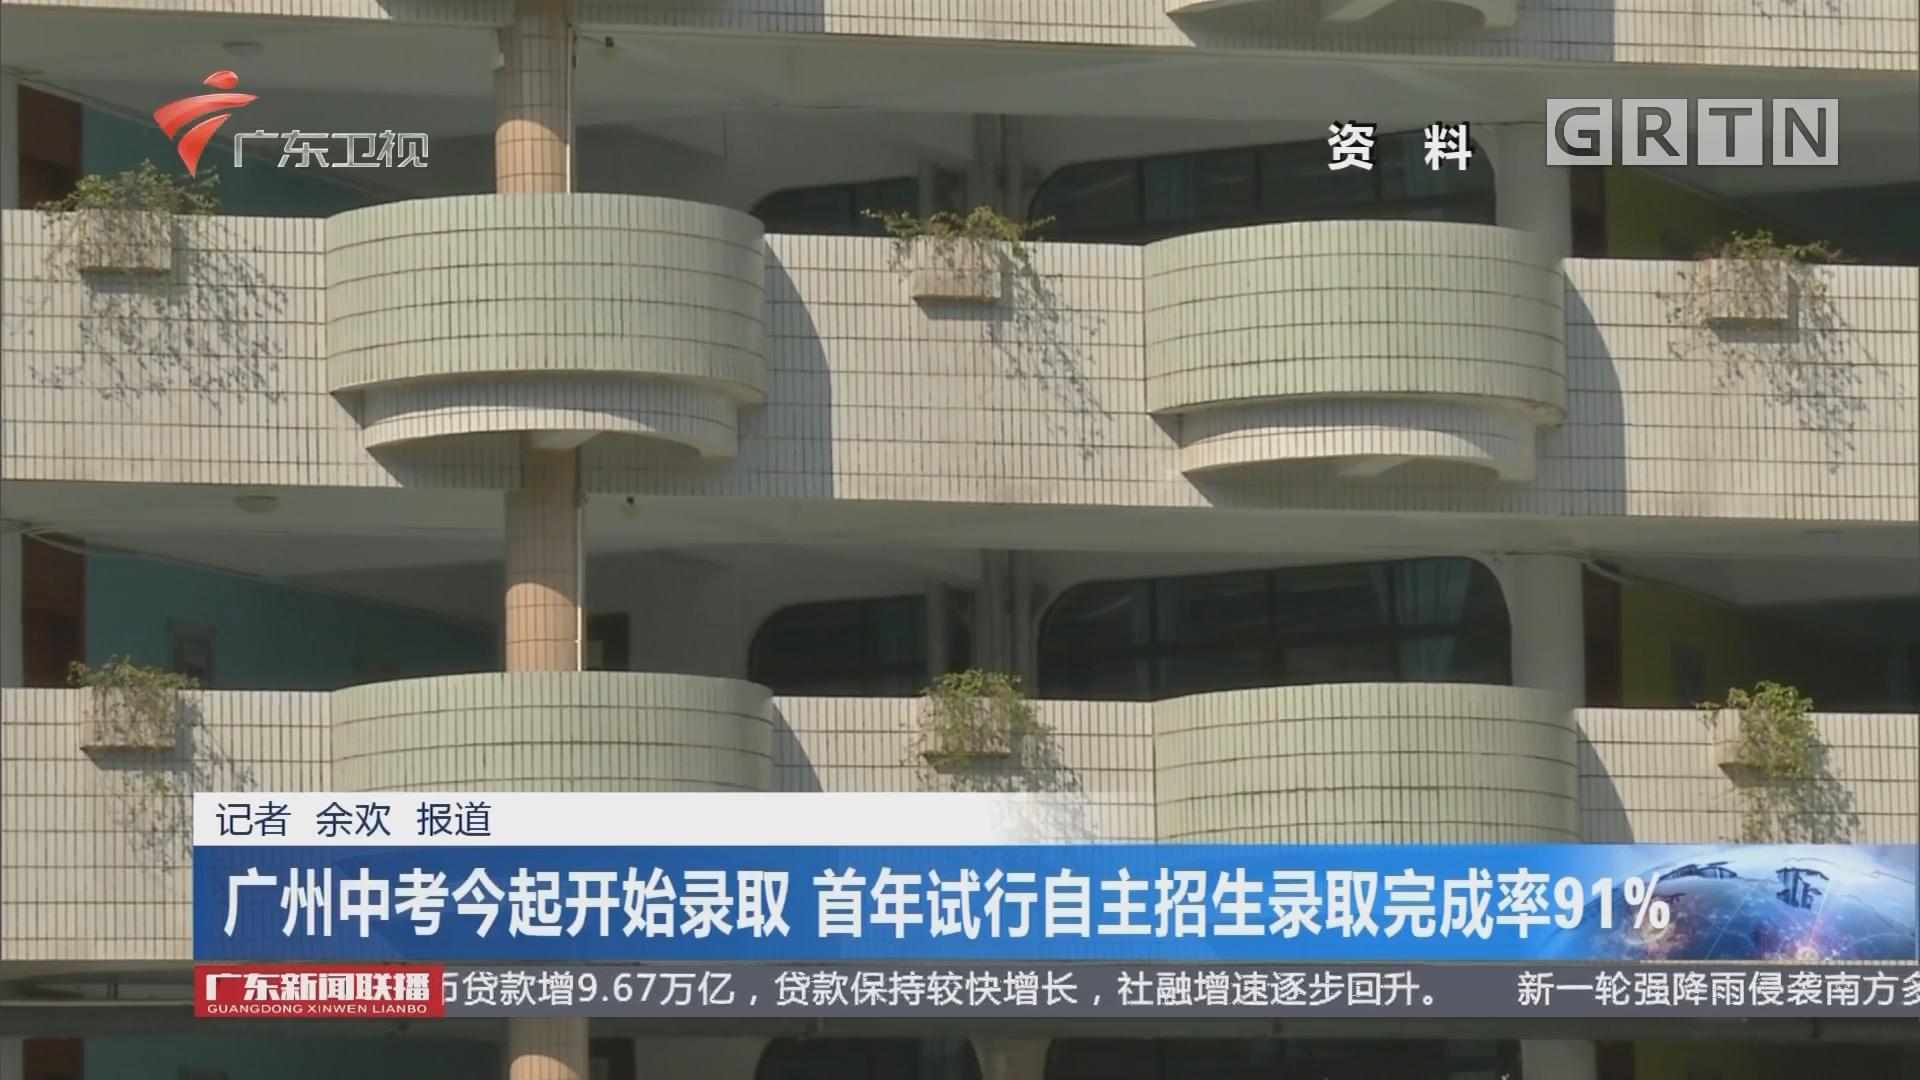 广州中考今起开始录取 首年试行自主招生录取完成率91%